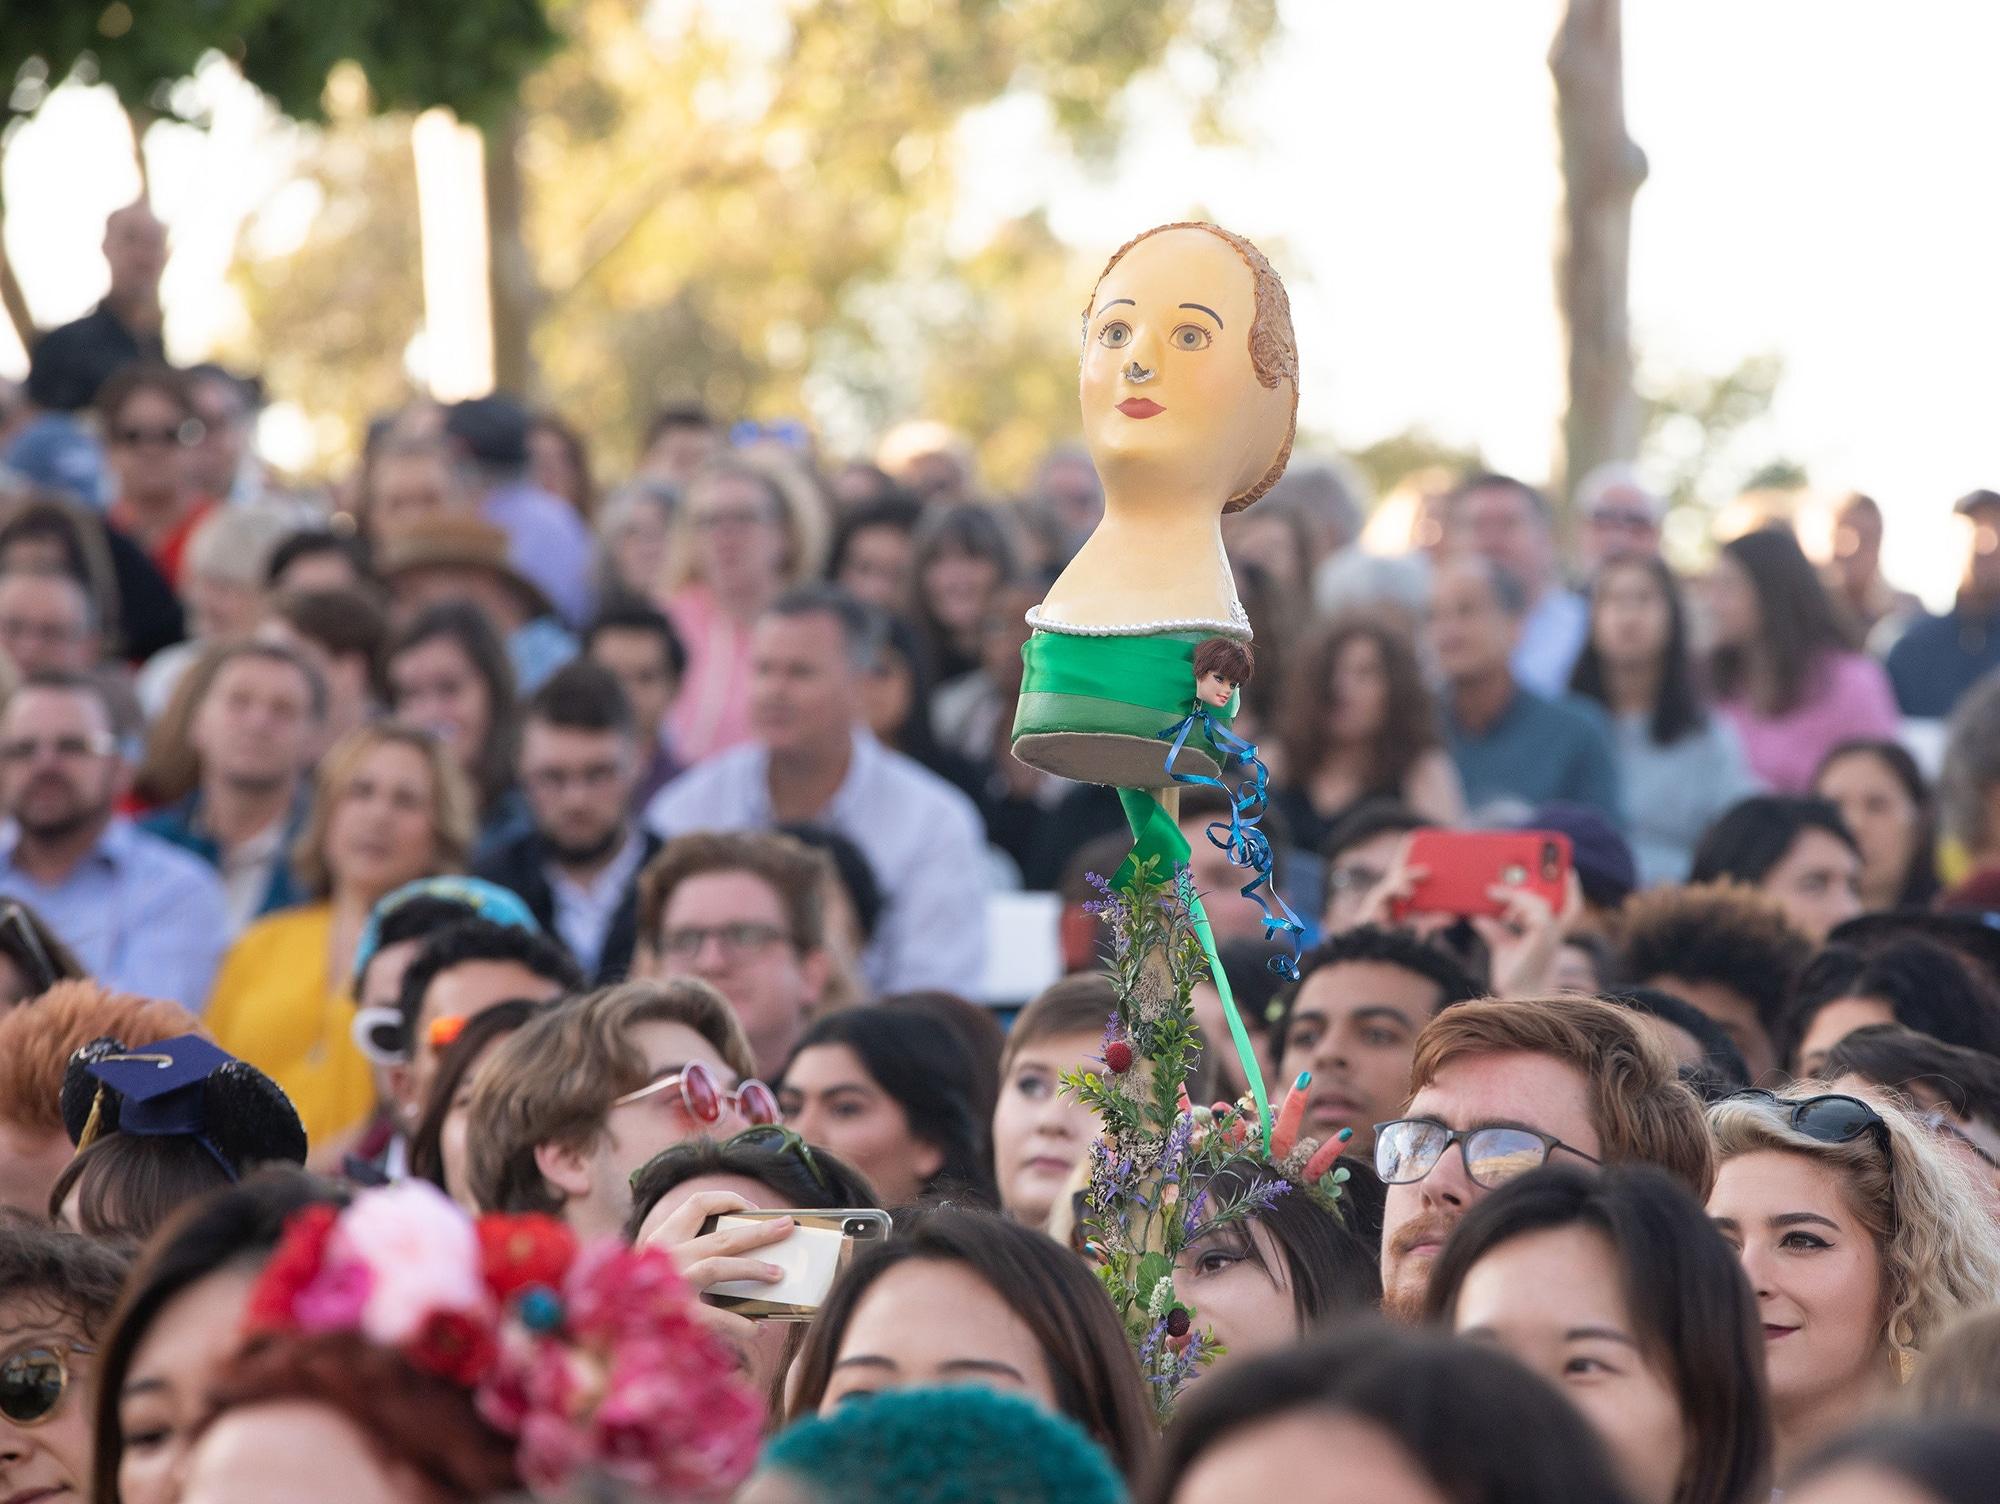 CalArts Graduation: A sea of graduates